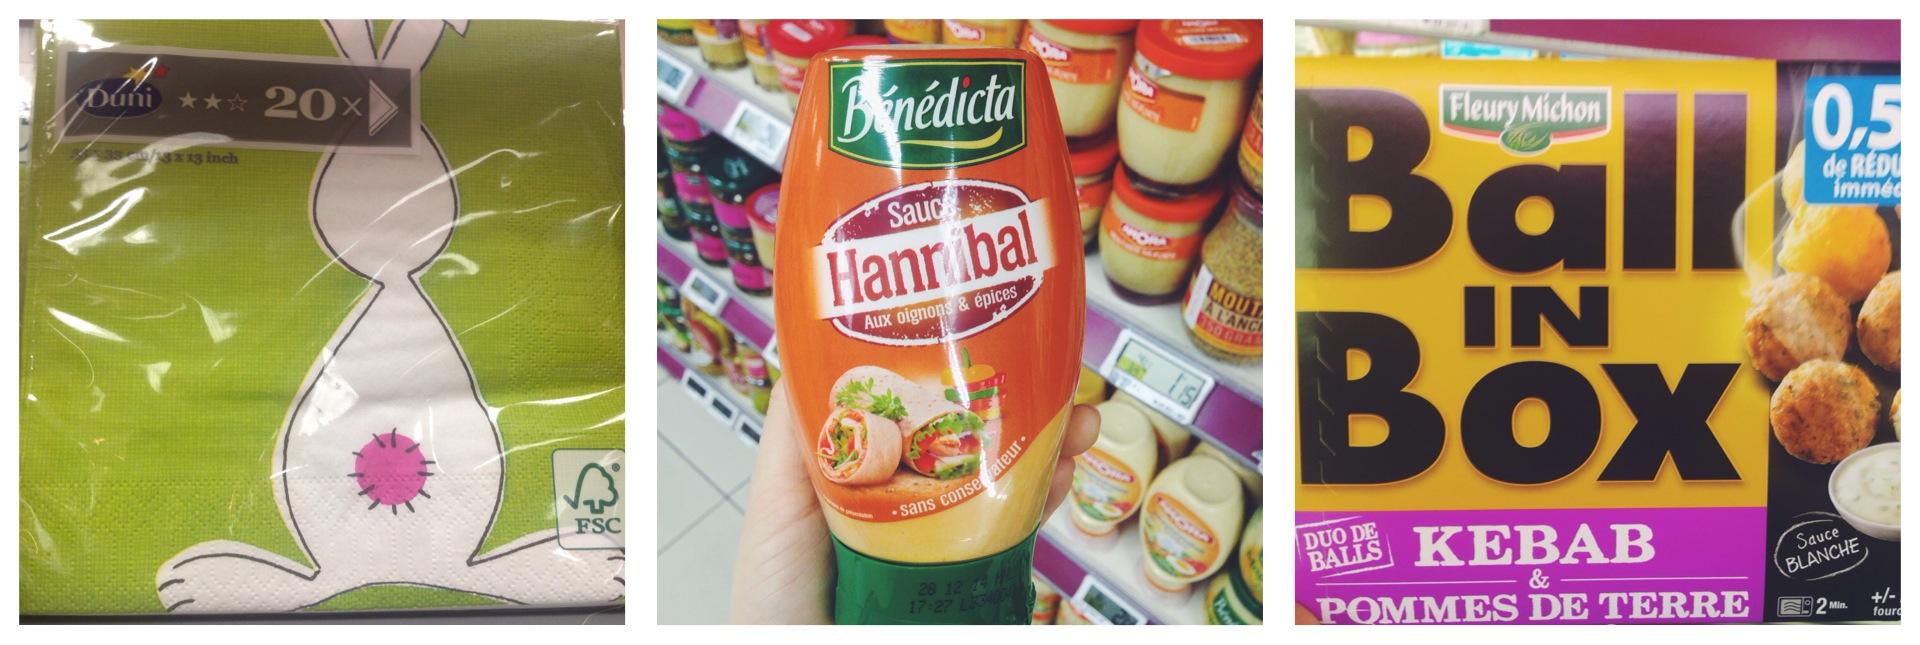 Il supermercato a Marsiglia - la top 3 degli orrori